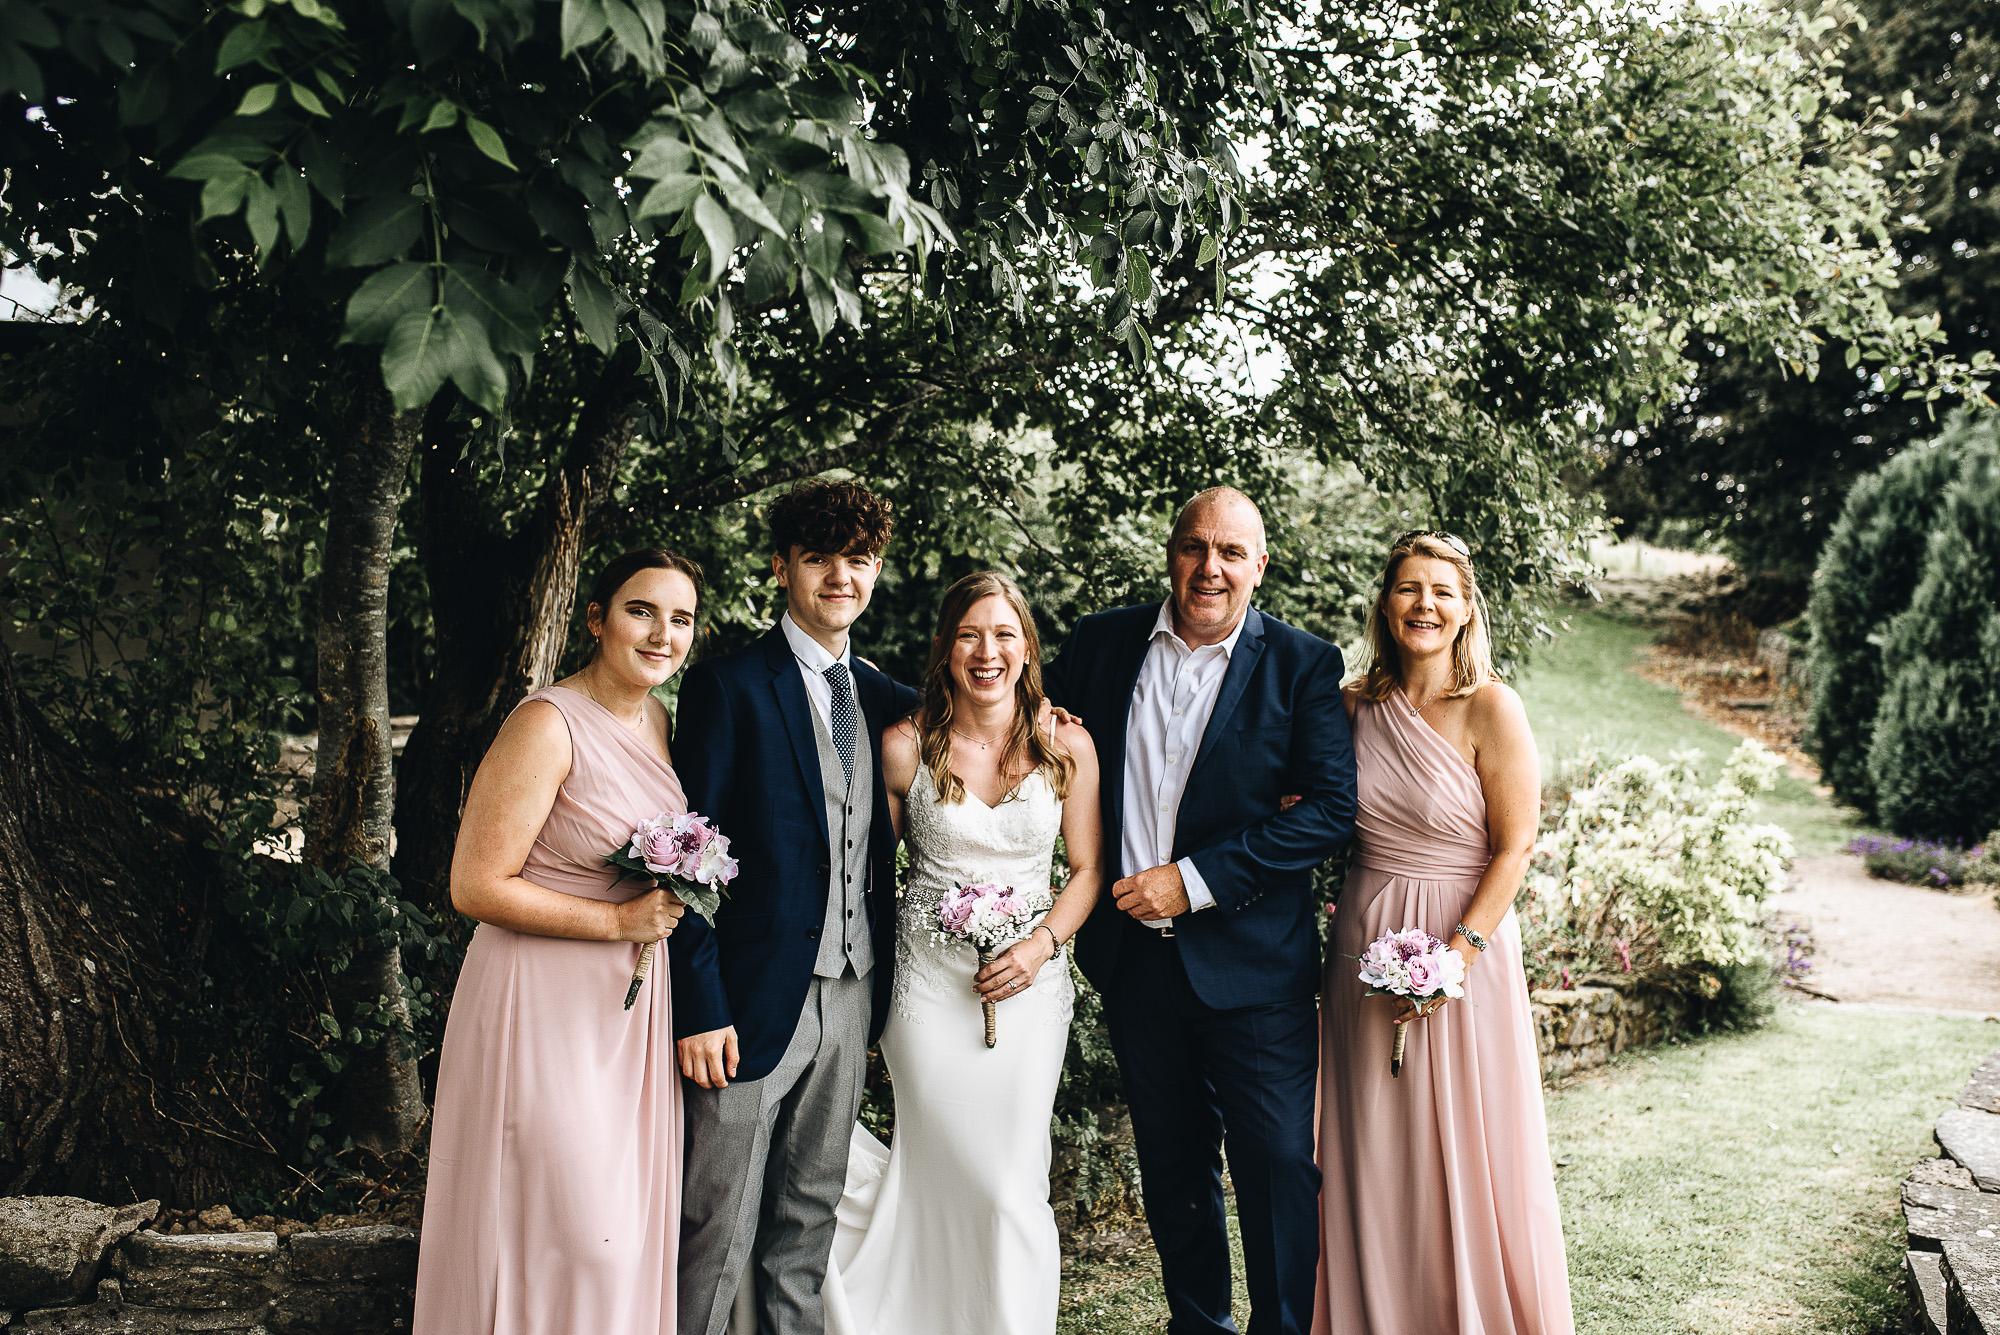 OurBeautifulAdventure-CardiffCastleWedding-Maddie&Joe-WeddingBlog-2418.jpg